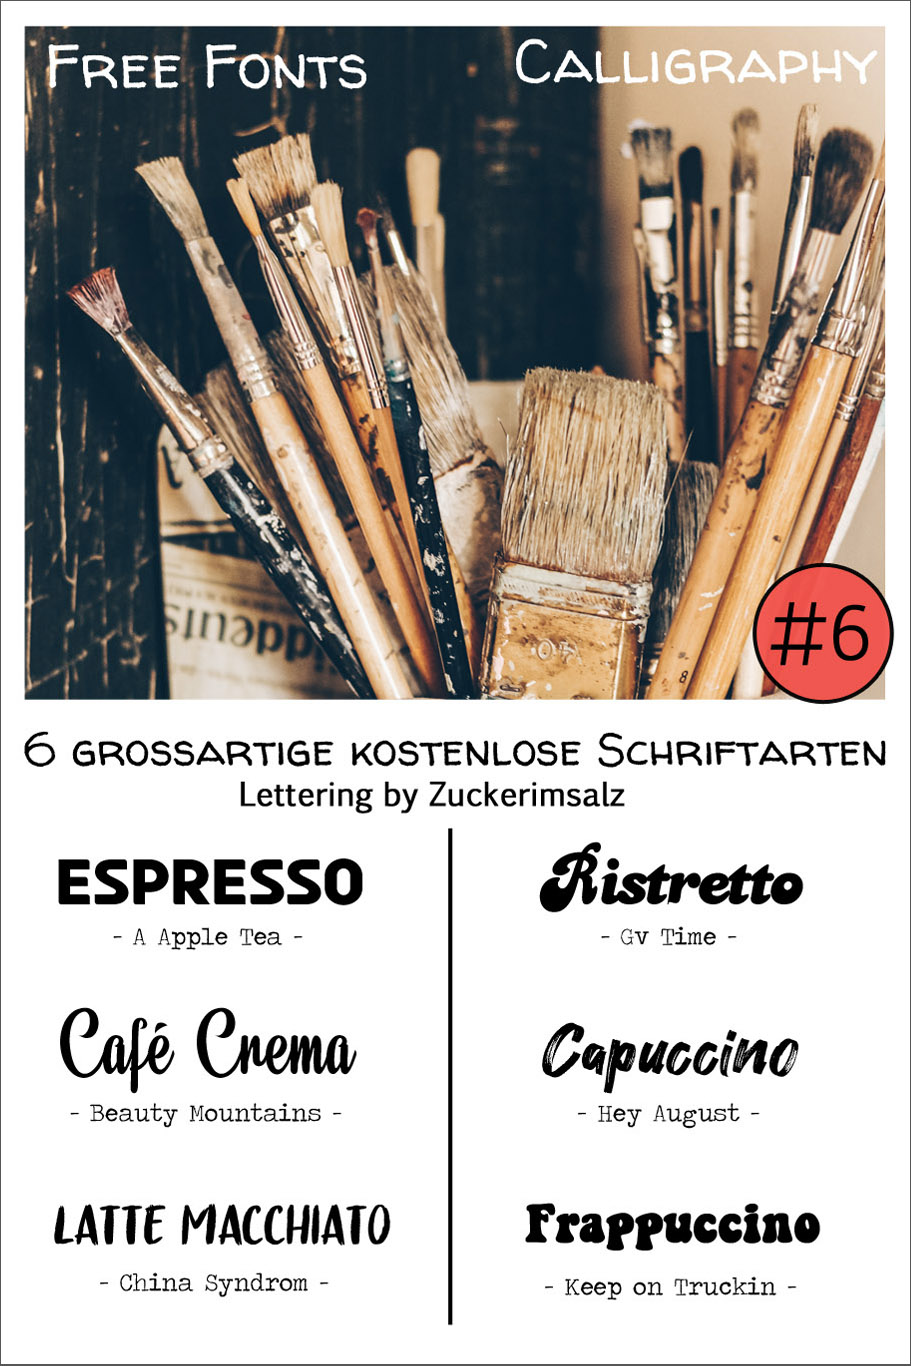 Freebie | 6 grossartige kostenlose Schriftarten … Lettering by Zuckerimsalz #6 – im Poster Style